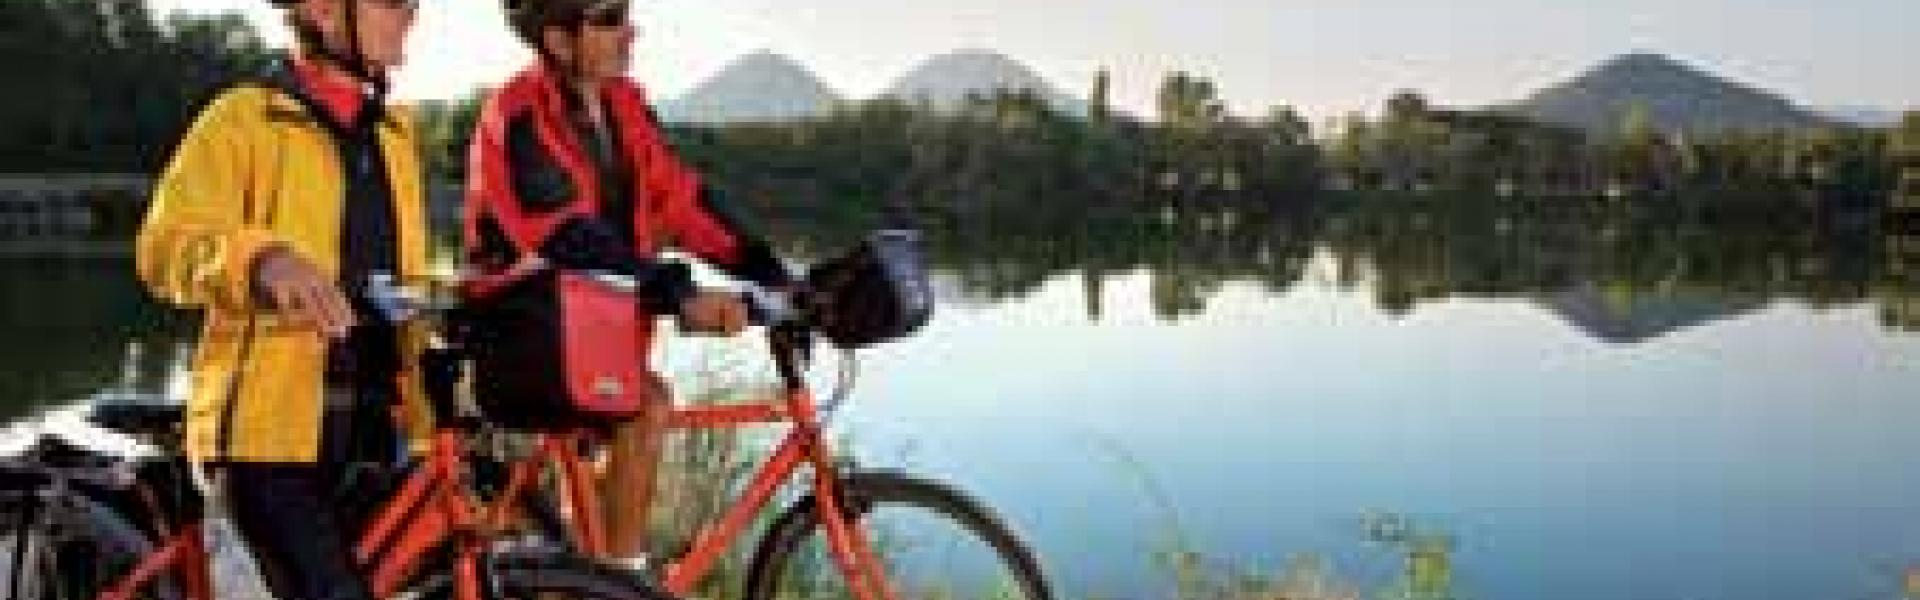 Baone Lago Azzurro e Colli Euganei